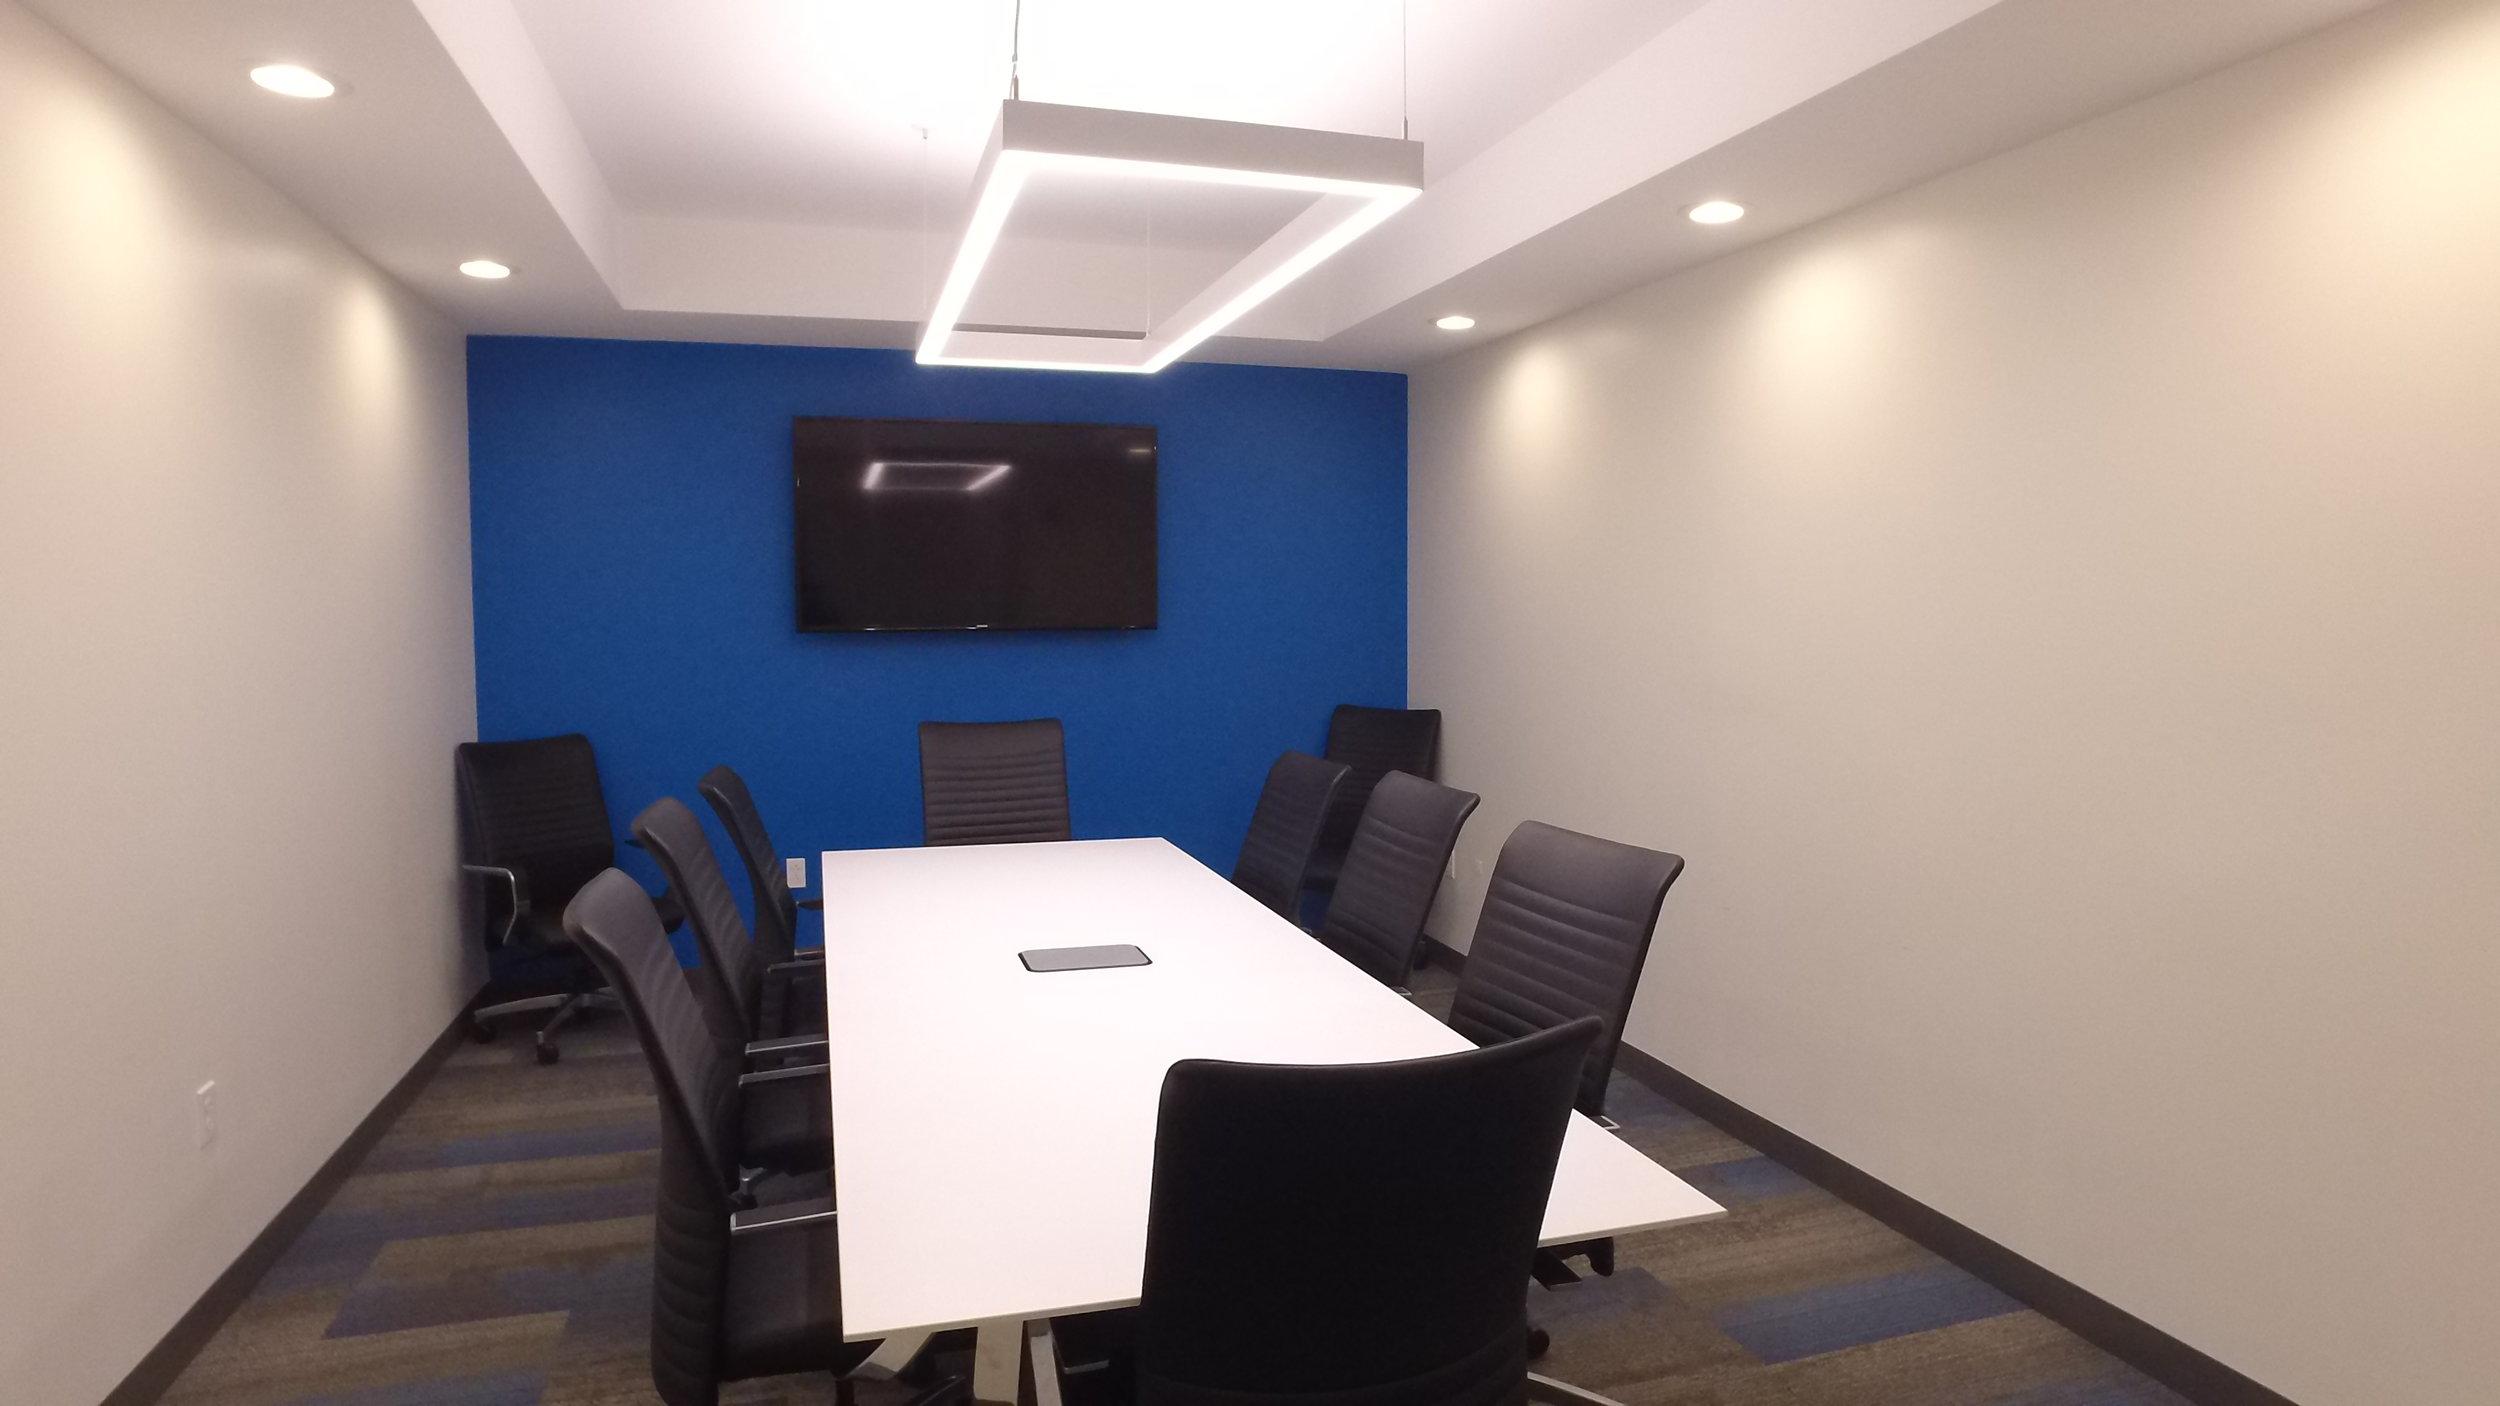 DJI_0163 still of conference room empty.JPG